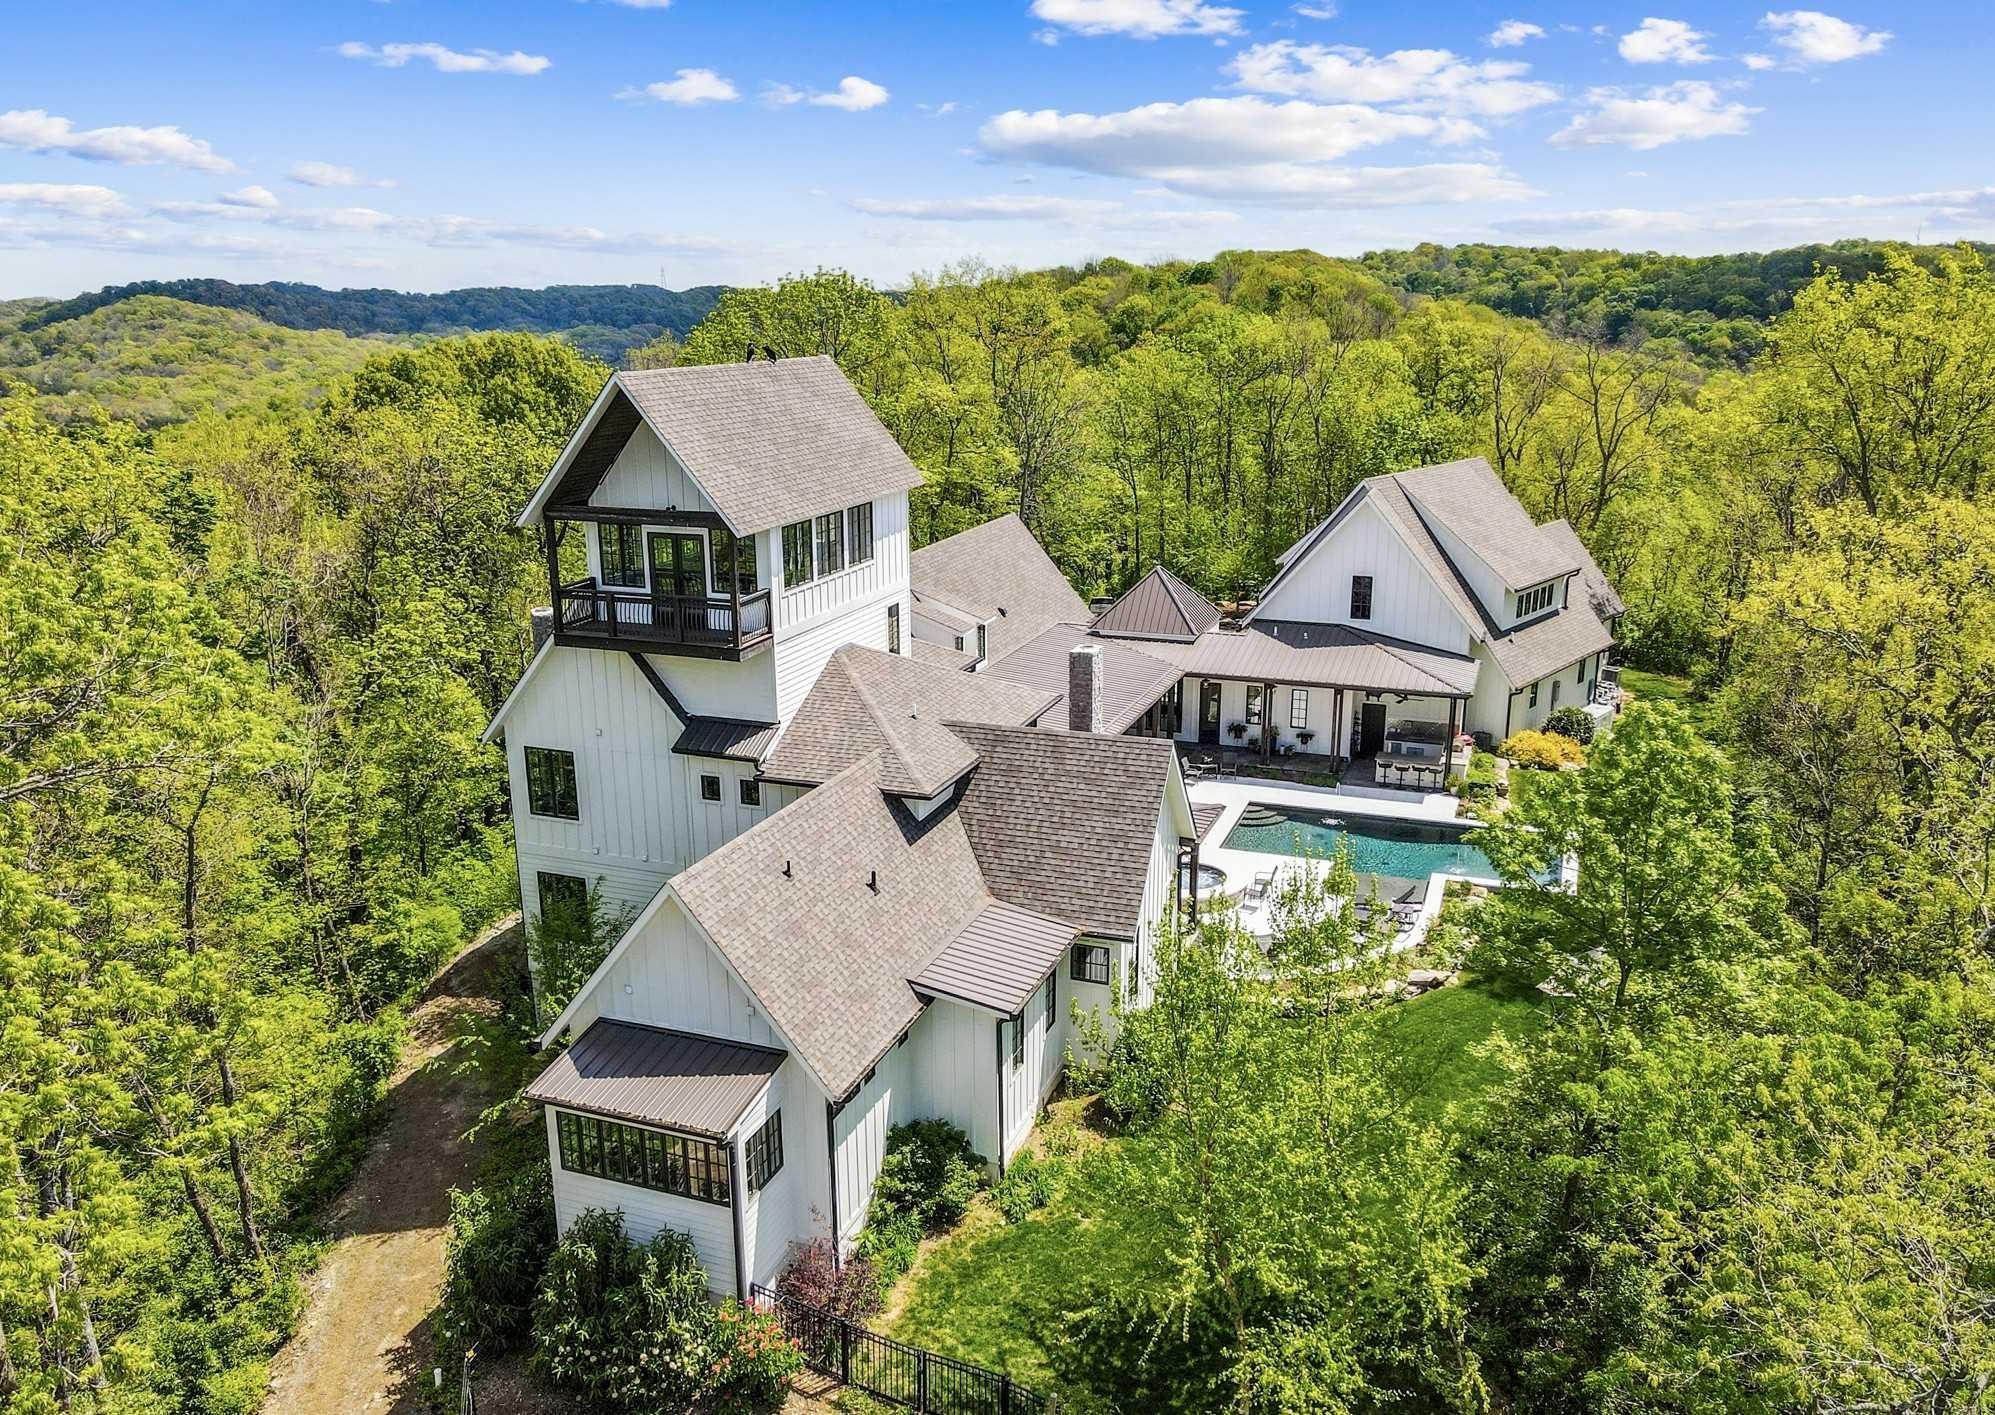 $8,900,000 - 4Br/7Ba -  for Sale in Hilltop 10.52 Acres, Franklin